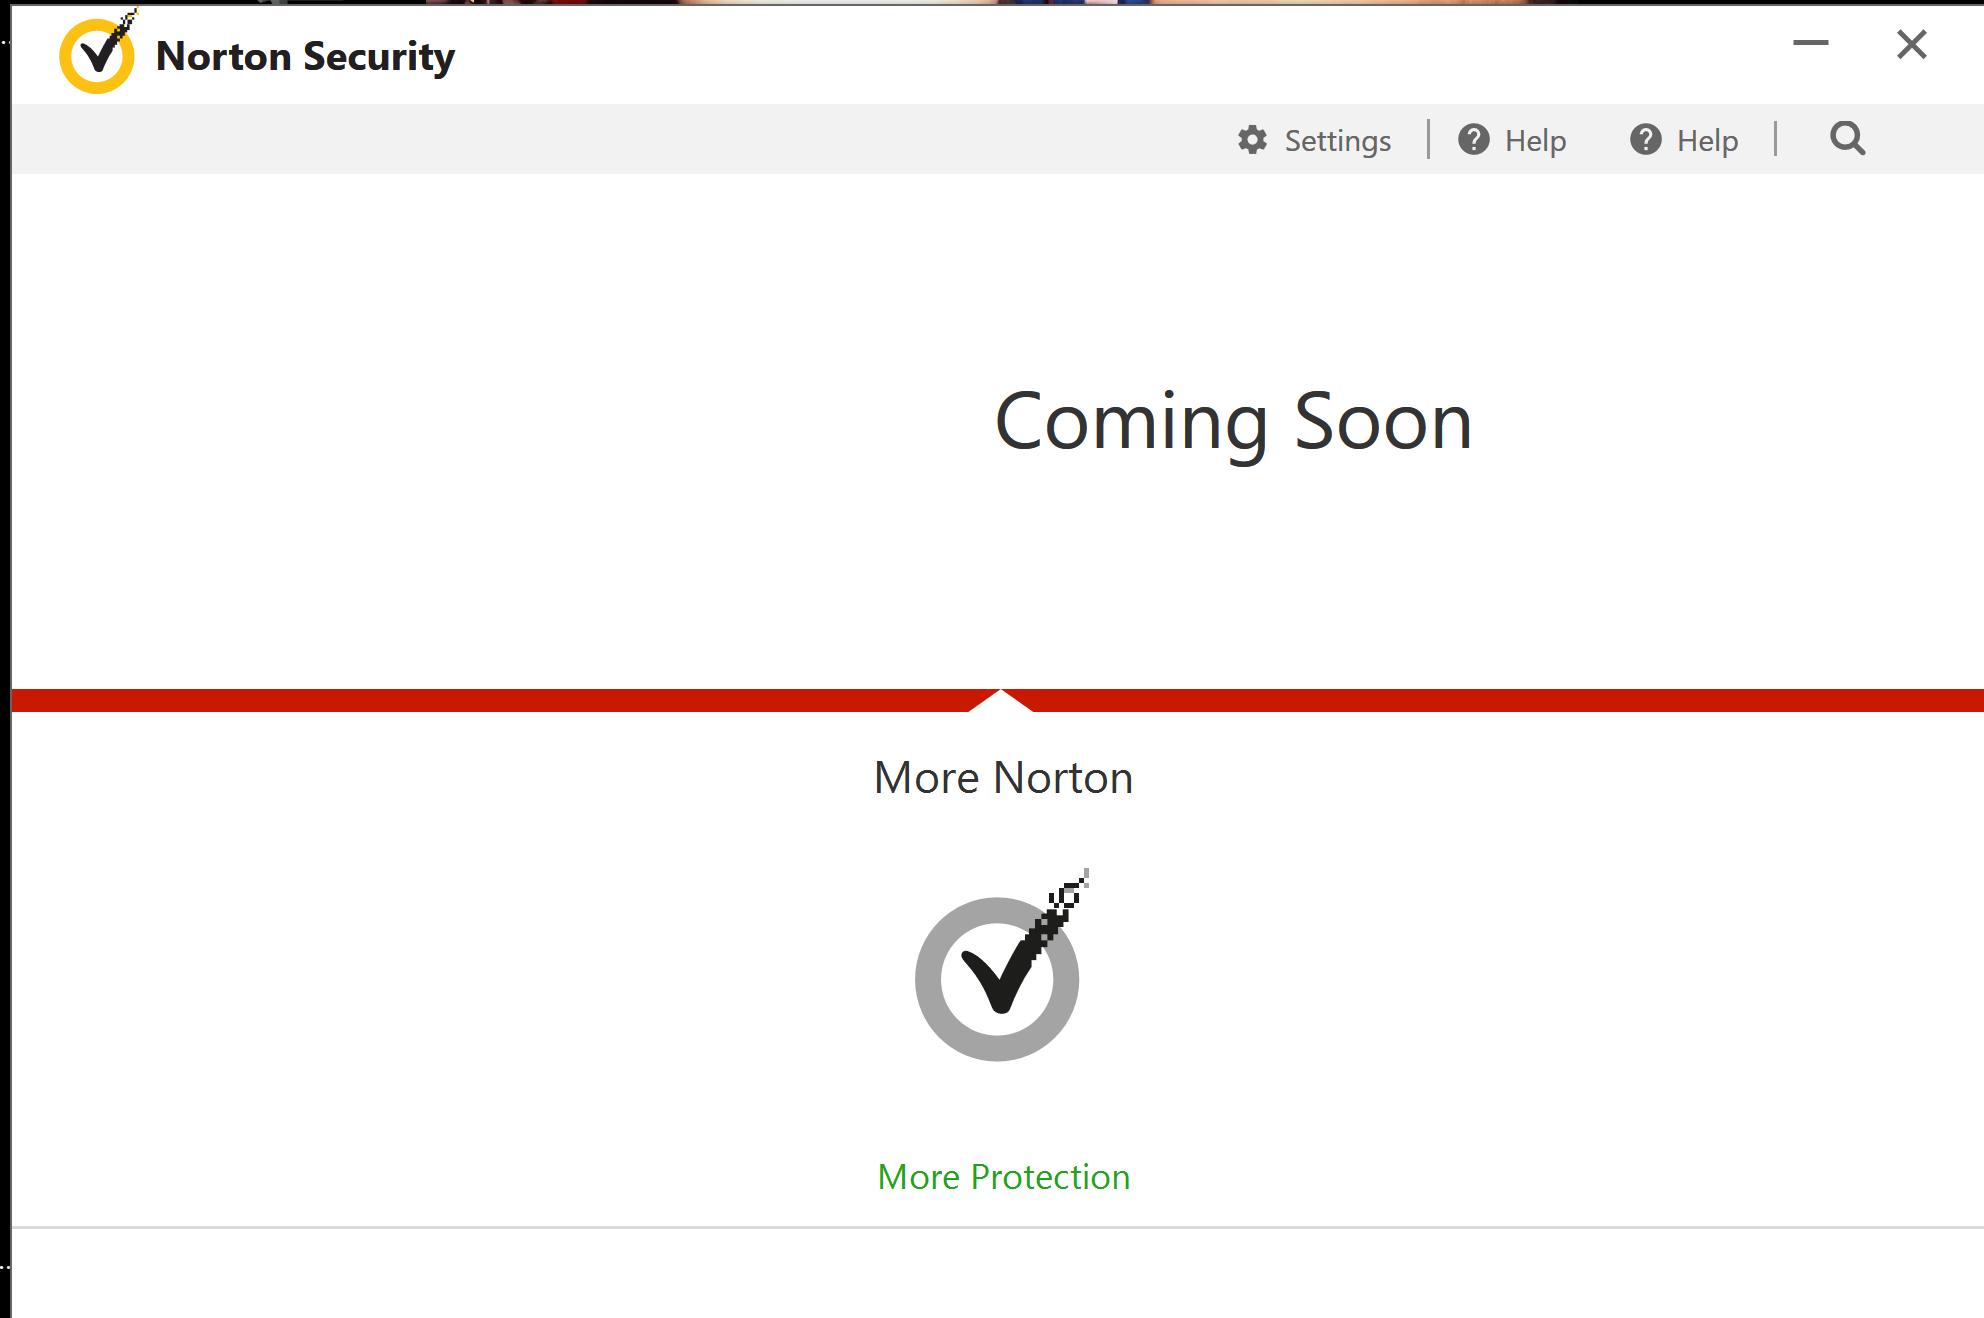 norton security coming soon error | norton community